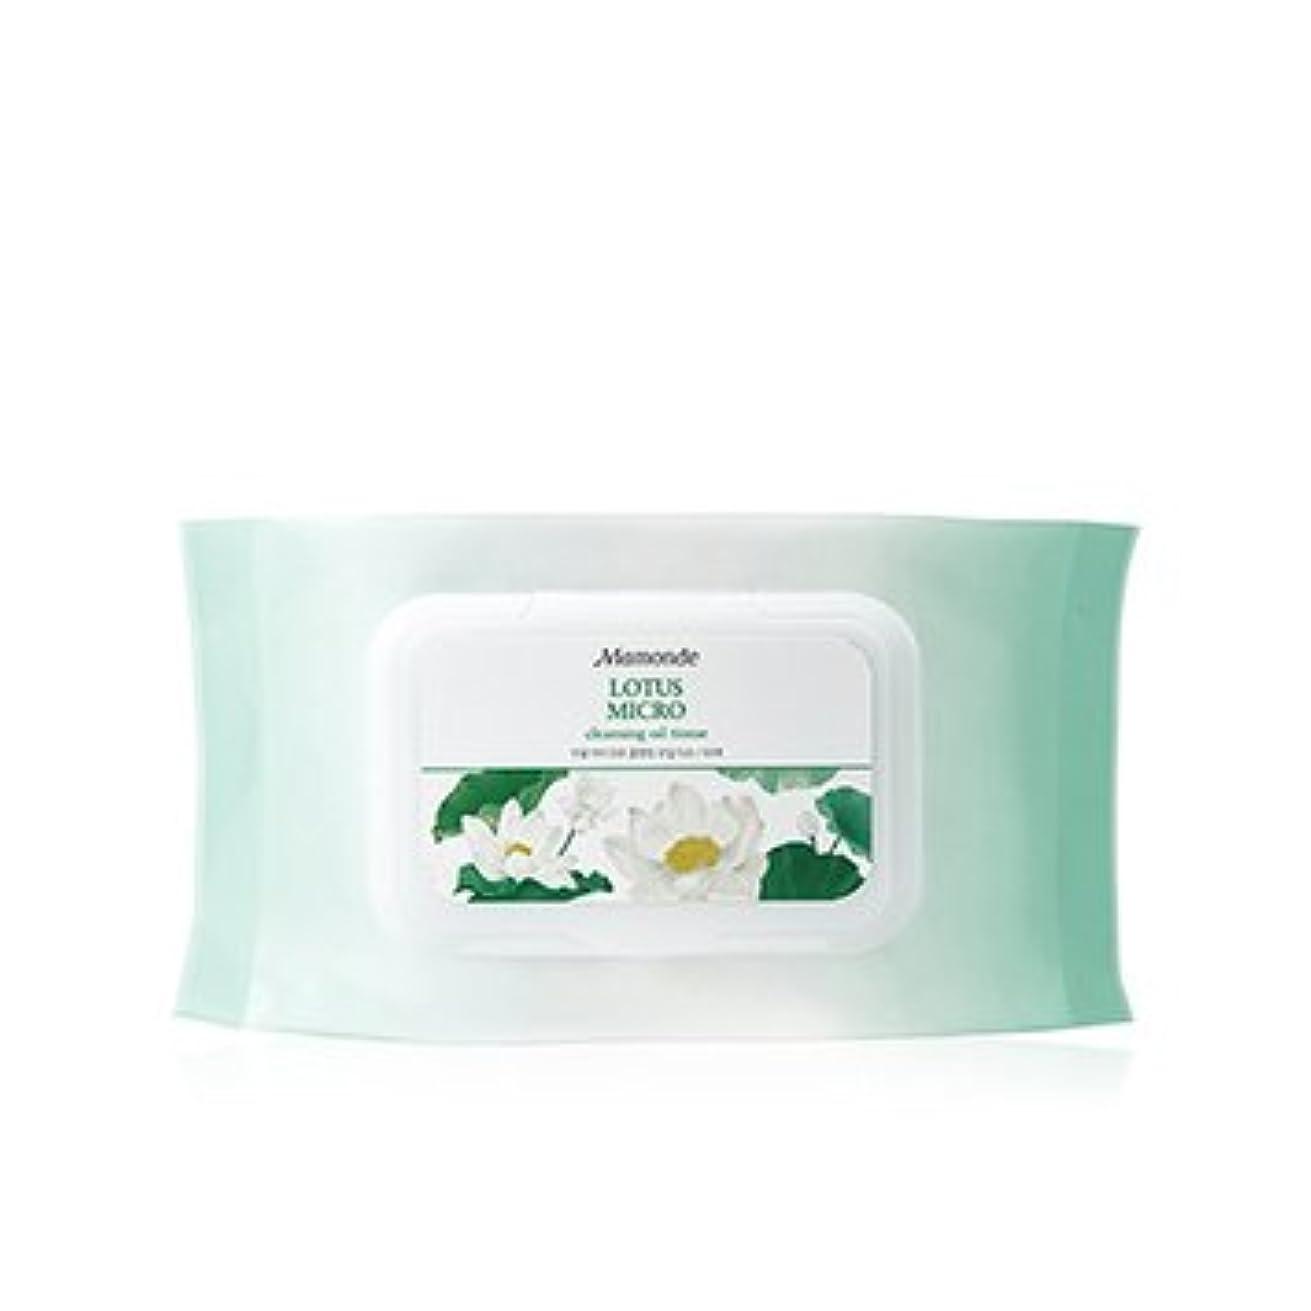 行商コンペ二層Mamonde Lotus Micro Cleansing Oil Tissue 50Sheets/マモンド 蓮 マイクロ クレンジング オイル ティッシュ 50枚入り [並行輸入品]